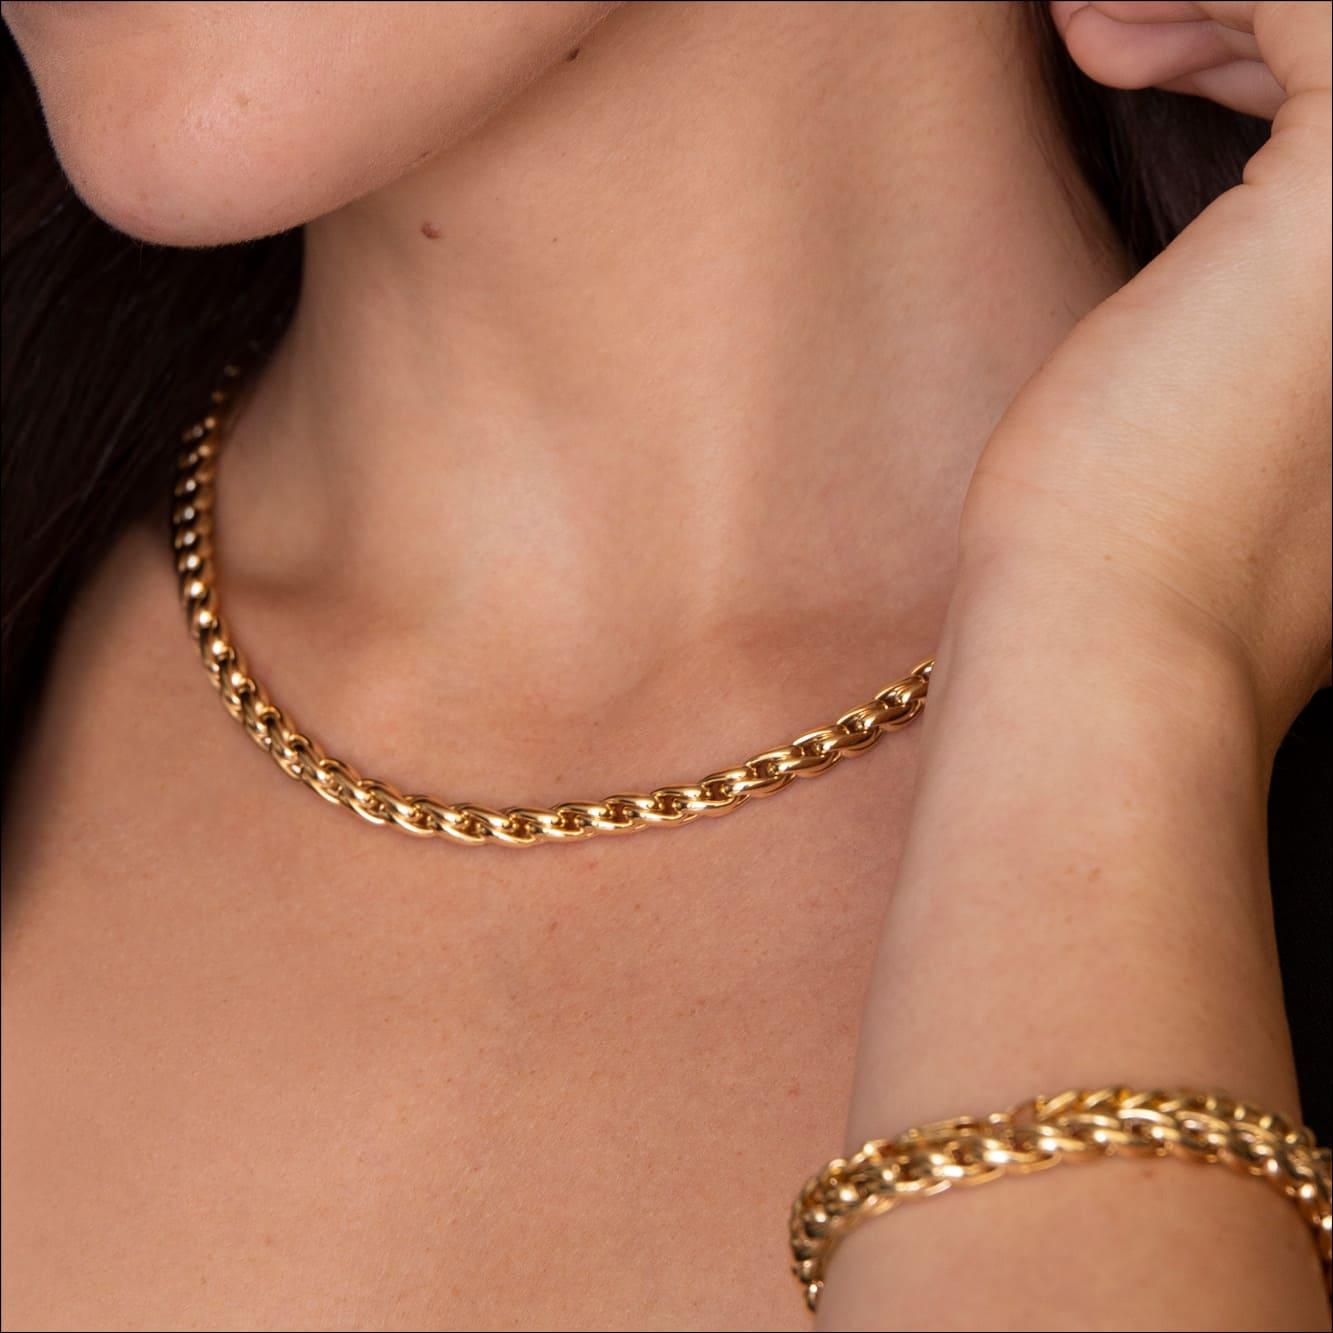 Damen Palmenkette Edelstahl Vergoldet 47cm